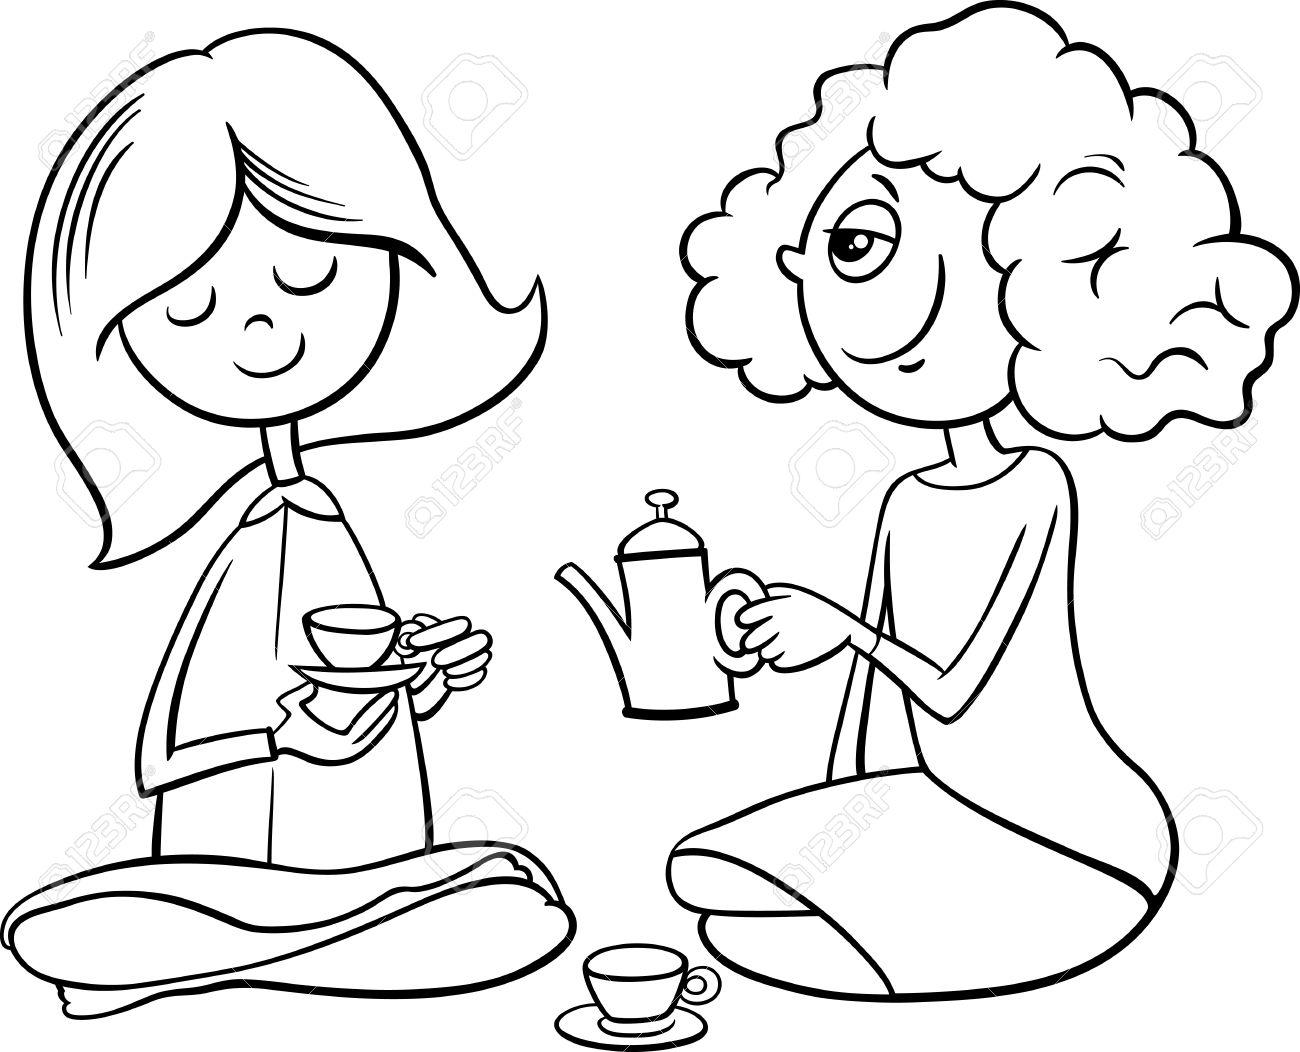 Ilustración De Dibujos Animados En Blanco Y Negro De Dos Niñas Lindo Con El Juguete Tazas De Té Jugar A Las Casitas Para Colorear Libro